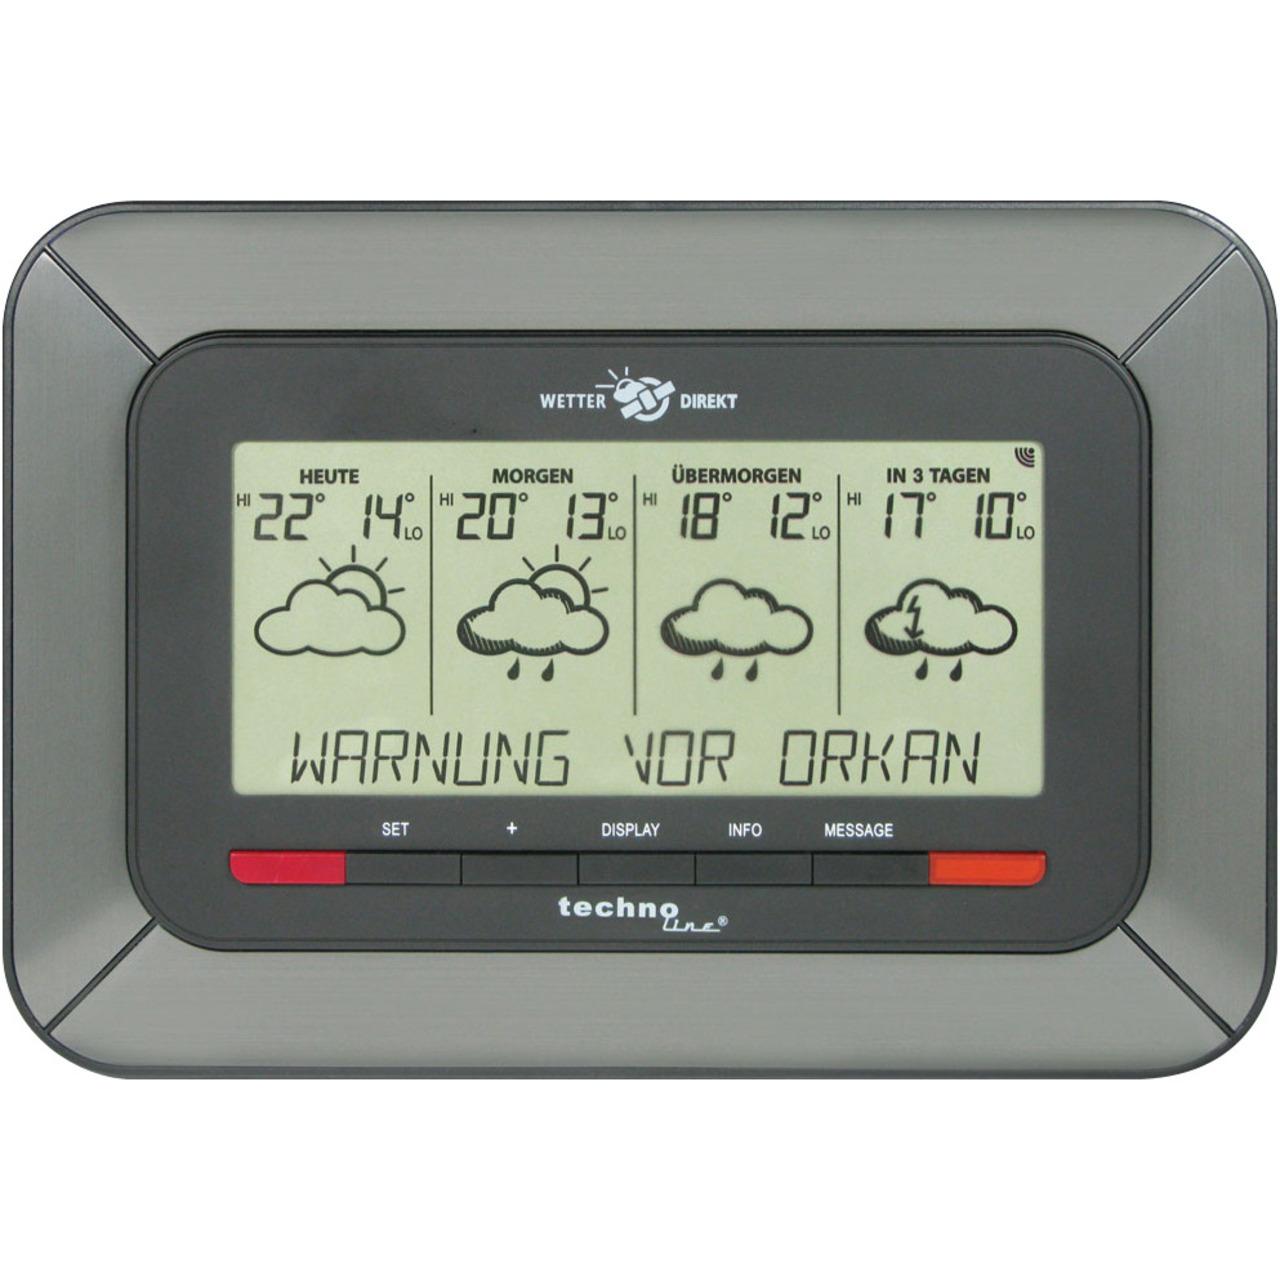 technoline WETTERdirekt Vorhersage-Station WD 4920- Vorhersage 4 Tage- Unwetterwarnung